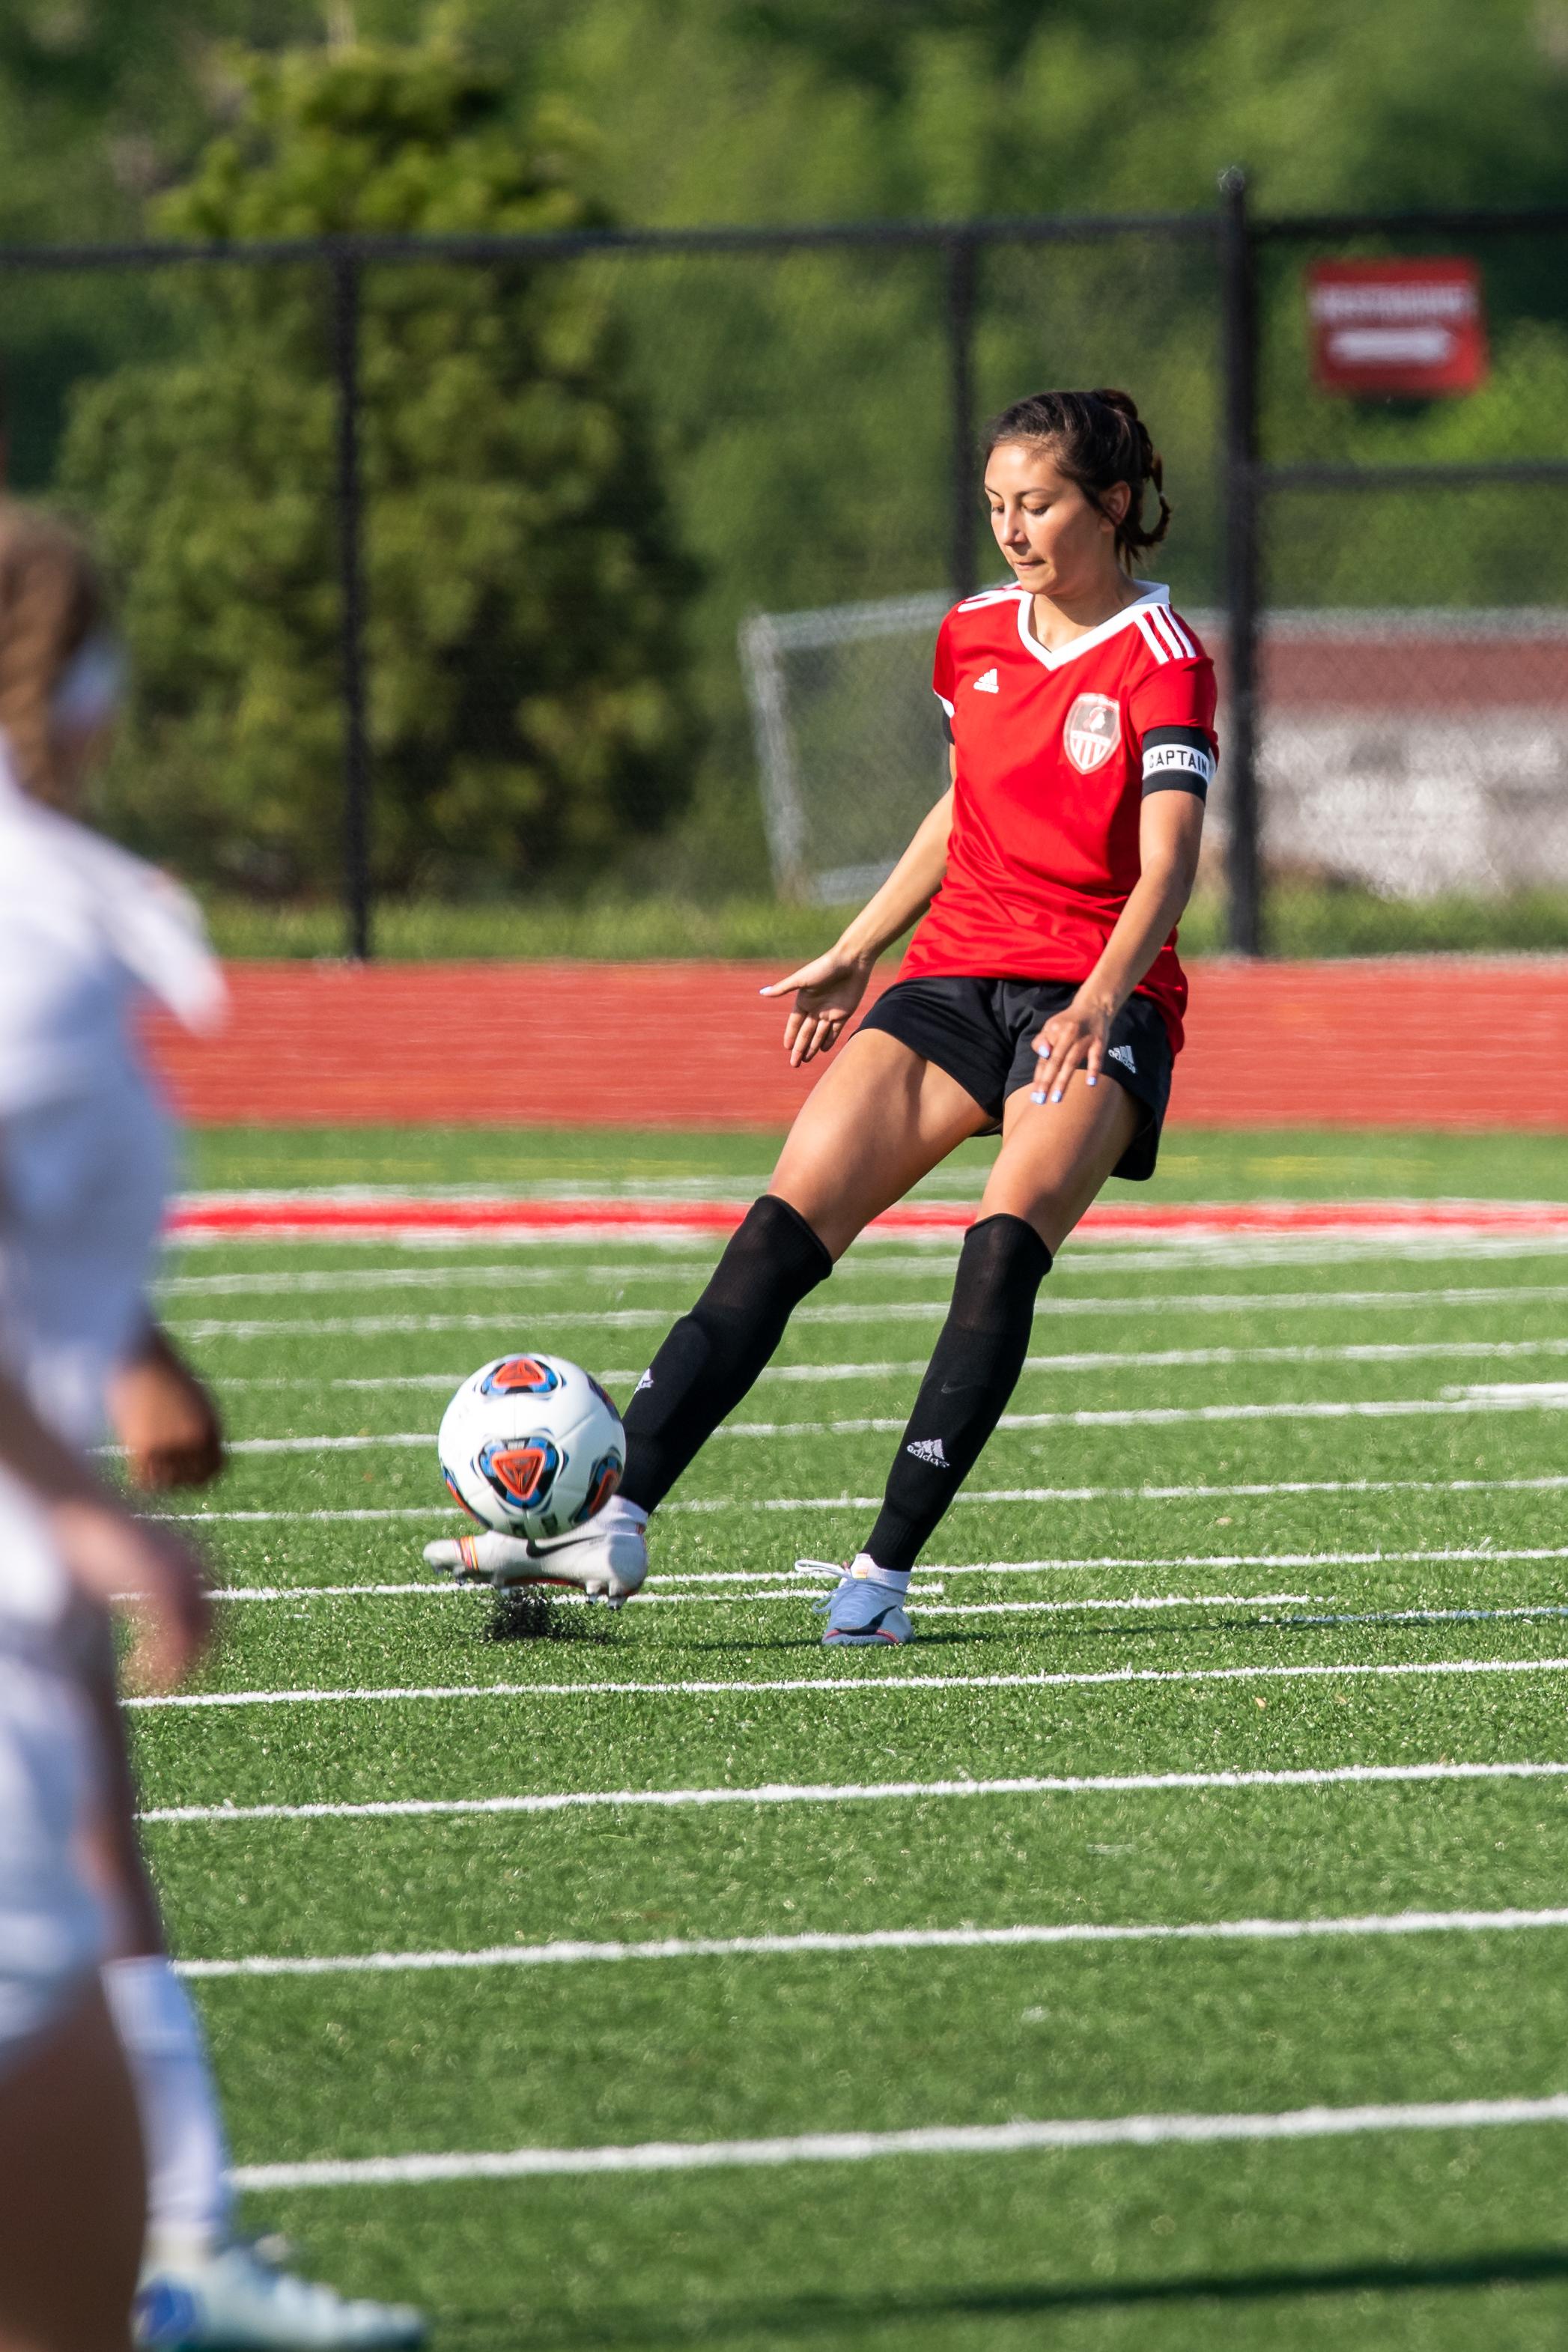 fort-osage-girls-soccer-vs-truman_32910774107_o.jpg